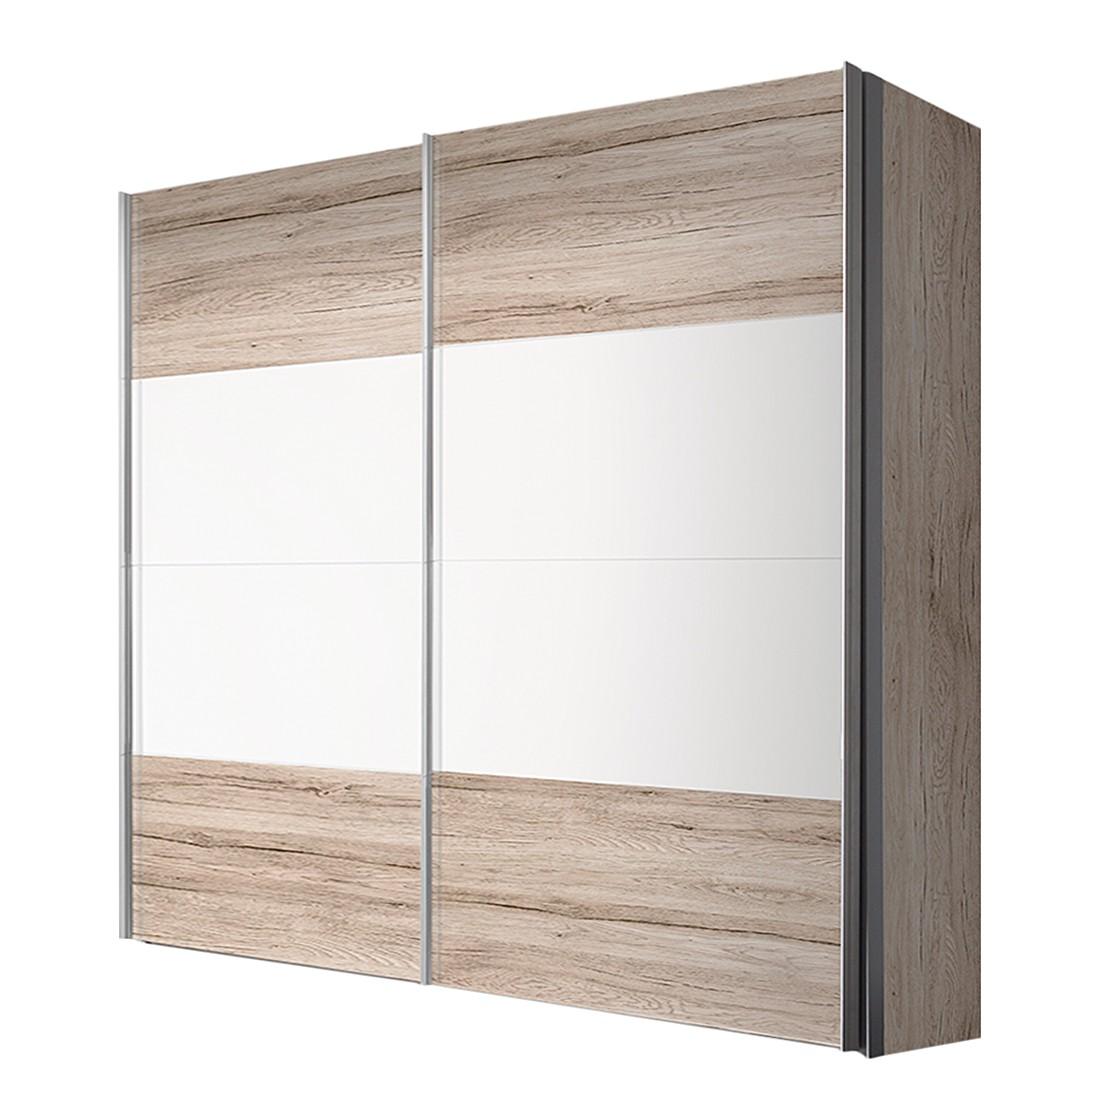 29 sparen schwebet renschrank ruby 200cm breit ab 529 99 cherry m bel home24. Black Bedroom Furniture Sets. Home Design Ideas